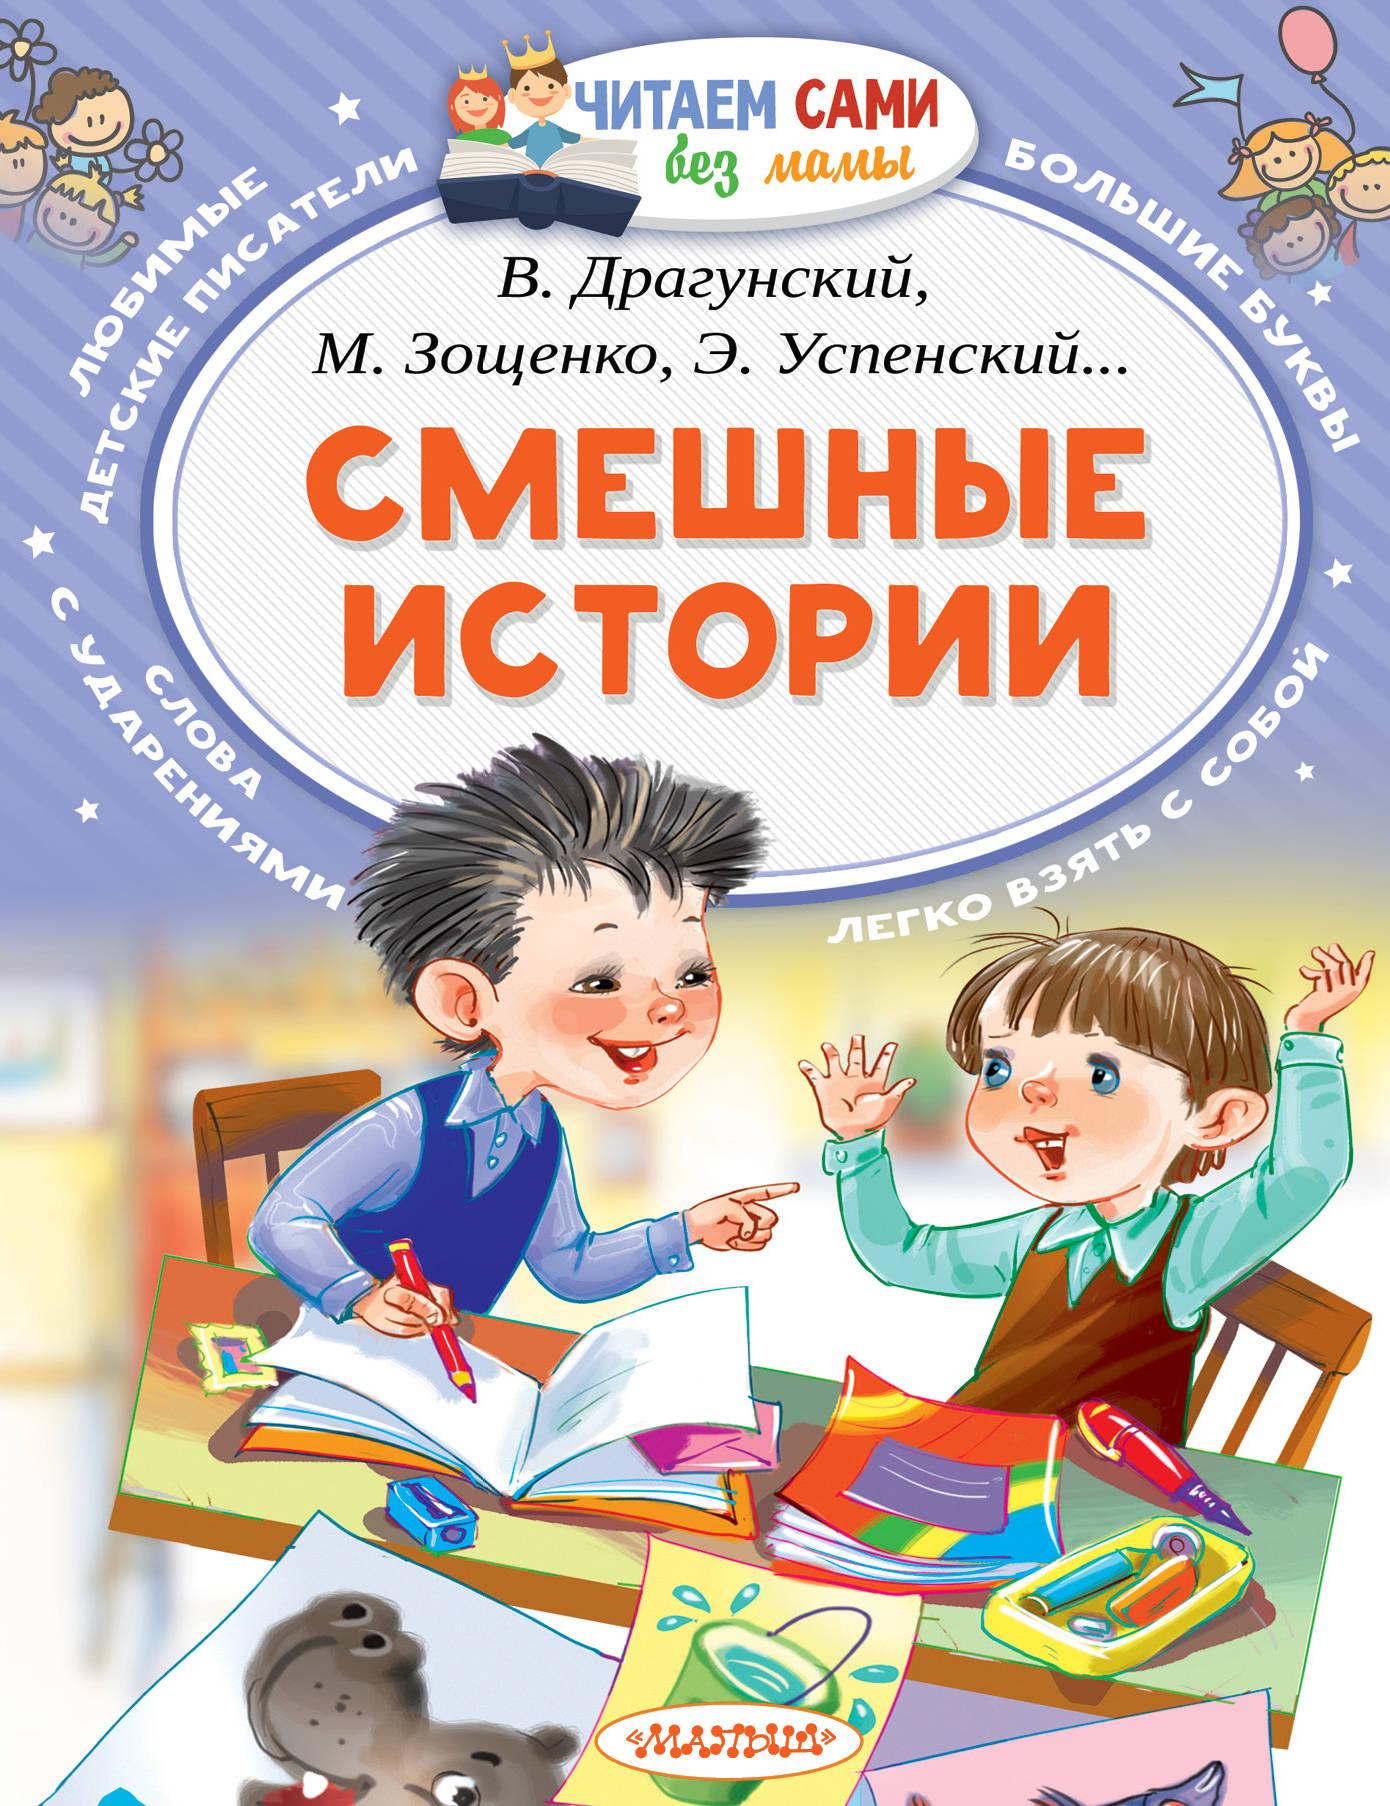 Успенский Эдуард Николаевич Смешные истории